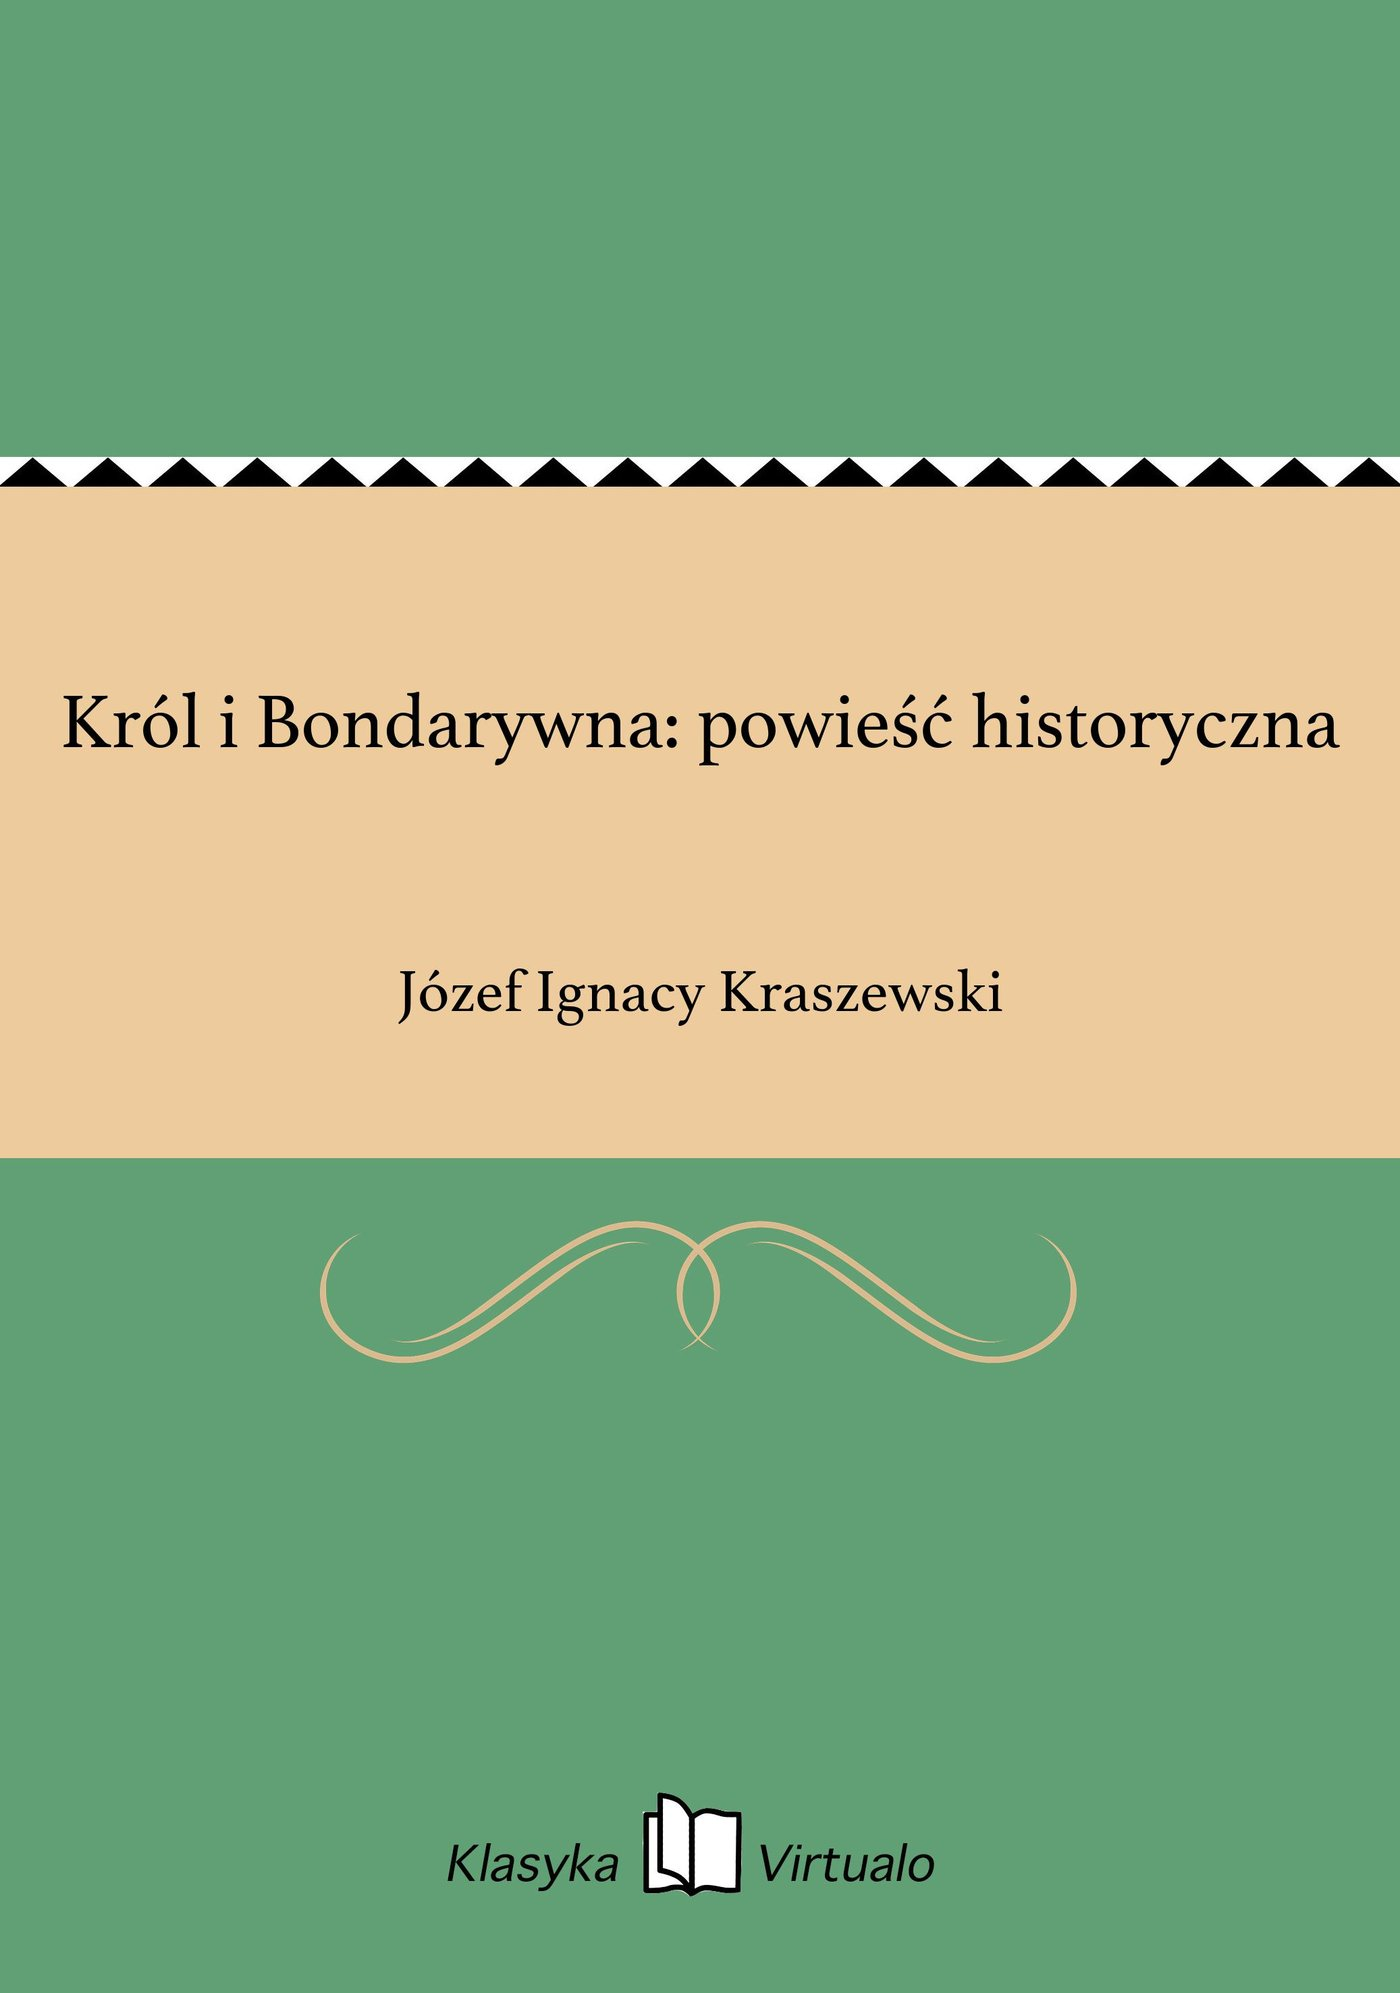 Król i Bondarywna: powieść historyczna - Ebook (Książka na Kindle) do pobrania w formacie MOBI